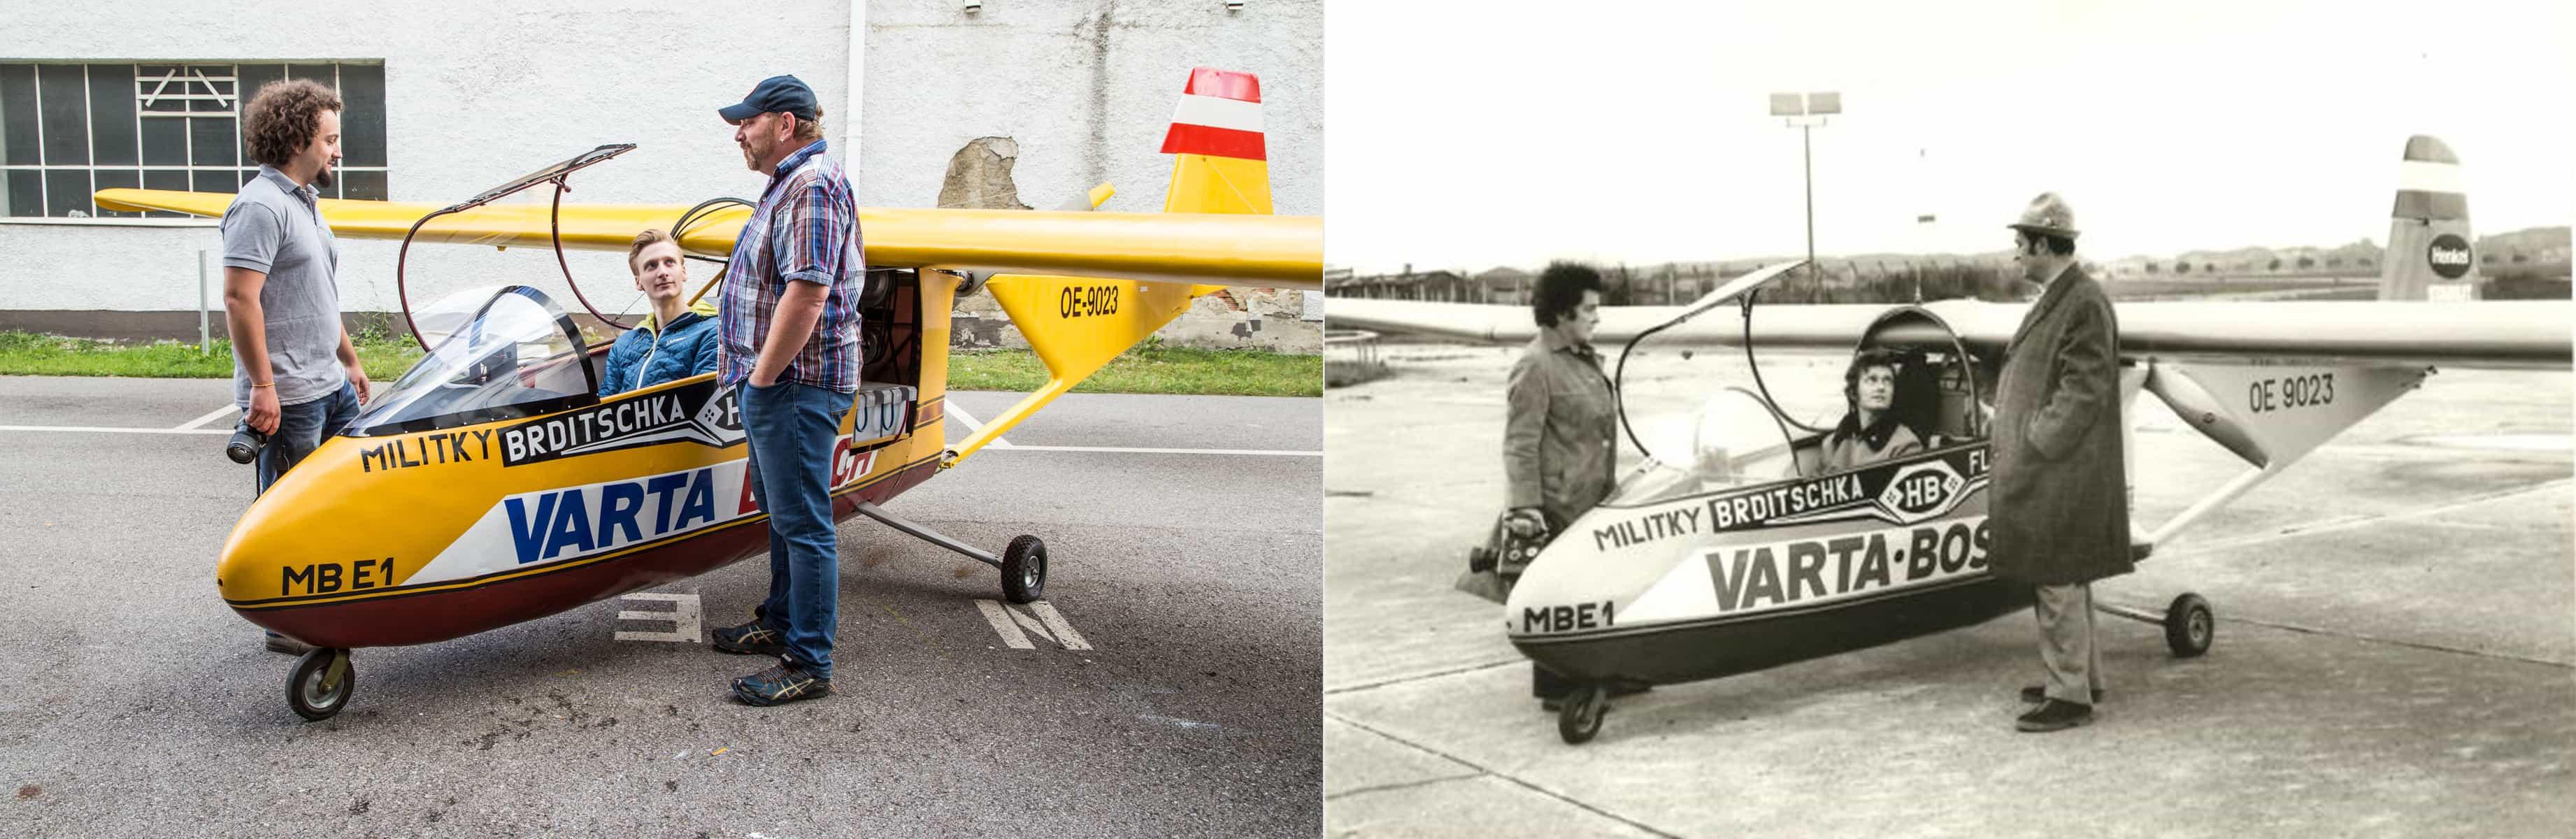 Die Studierenden stellen auf der linken Seite das Foto von 1973 auf der rechten Seite nach, auf dem drei Personen und das Flugzeug abgebildet sind.